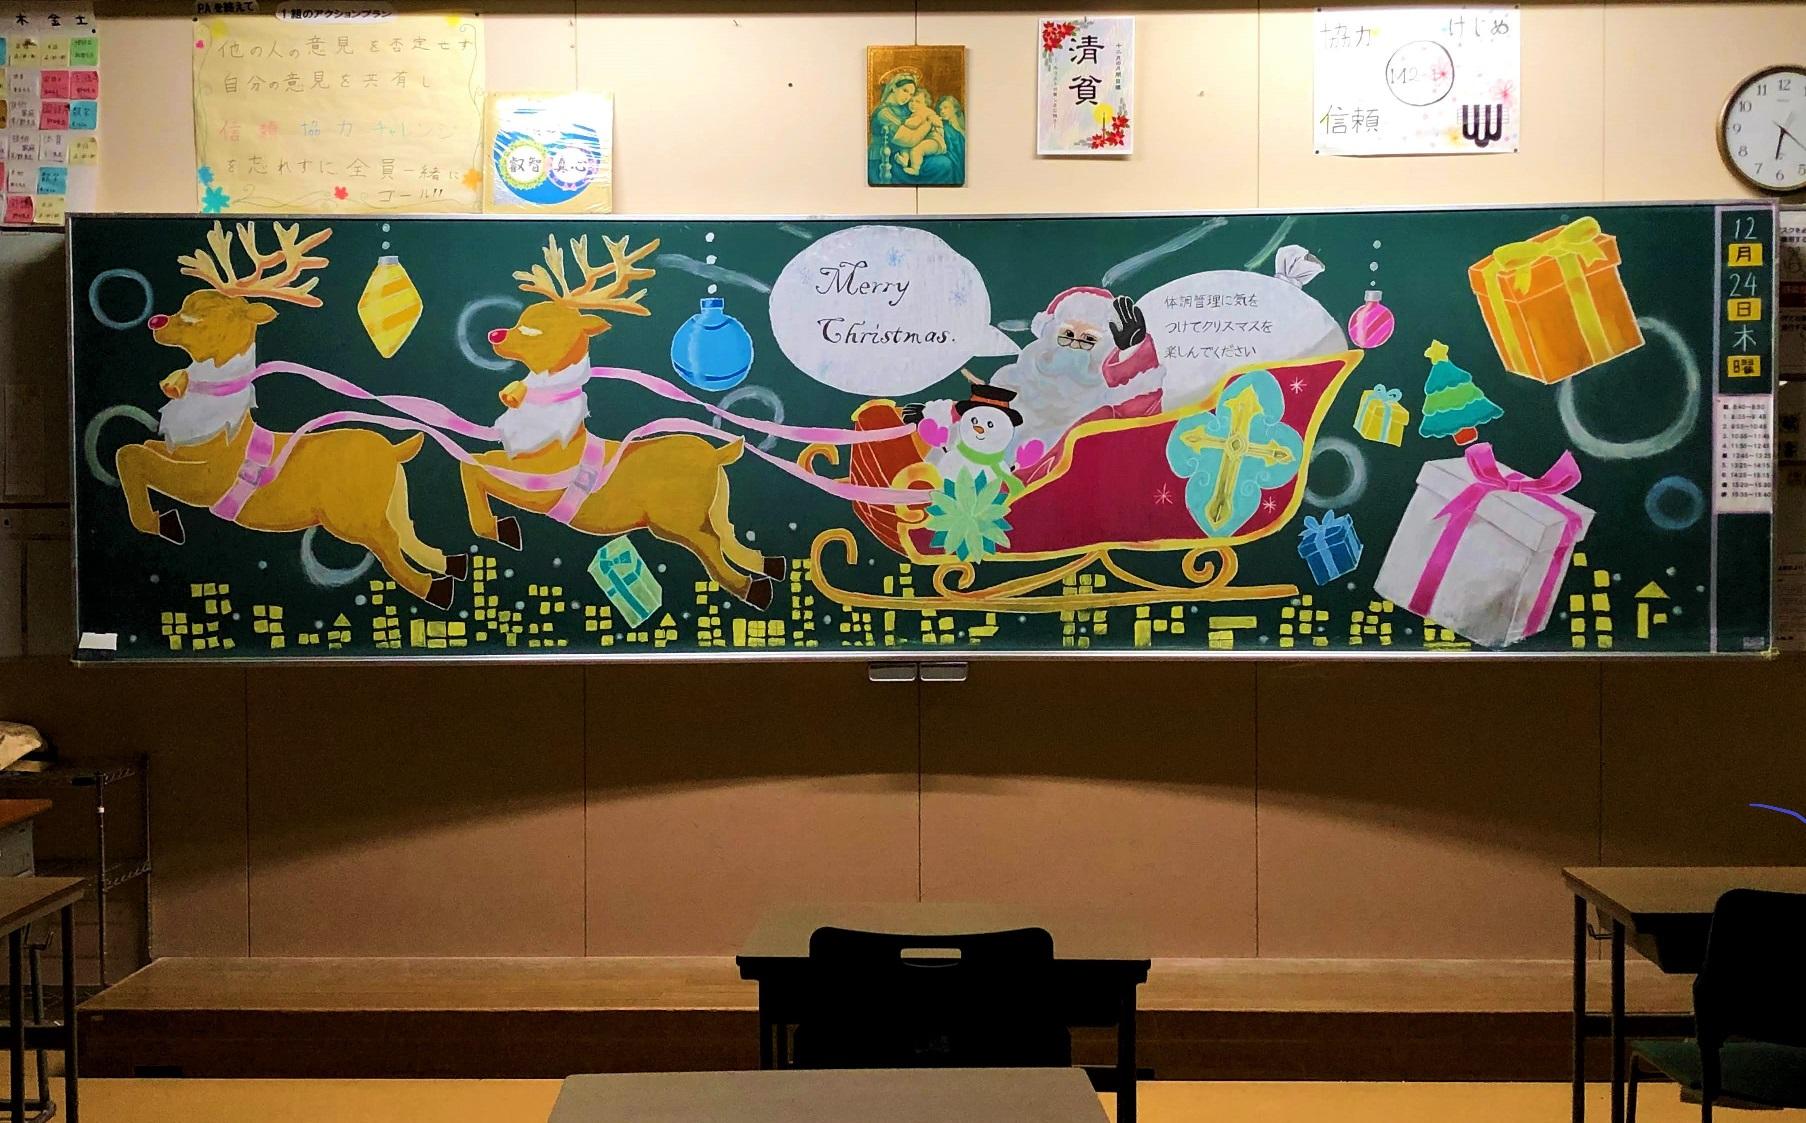 黒板アートでMerry Christmas!